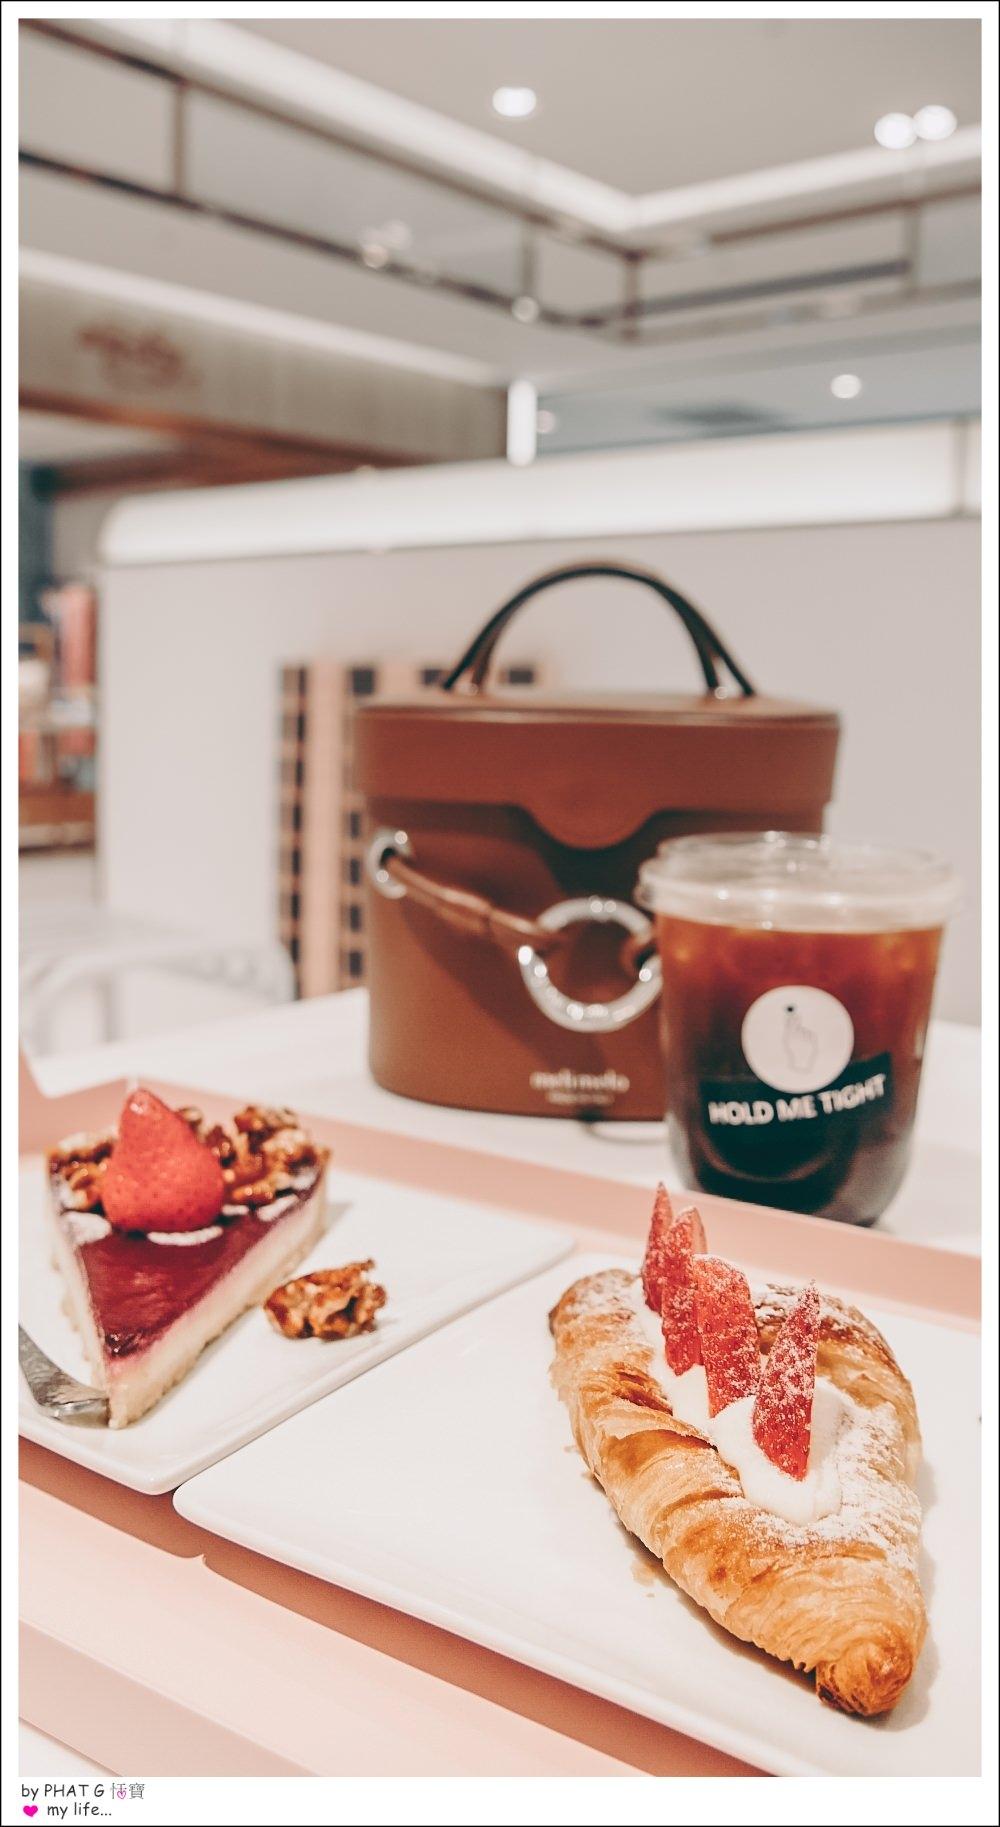 【 時尚】信義遠百A13 imihwa 義米花複合式咖啡店 - imi cafe @ PHAT G ♥恬寶♥ 私密日記 :: 痞客邦